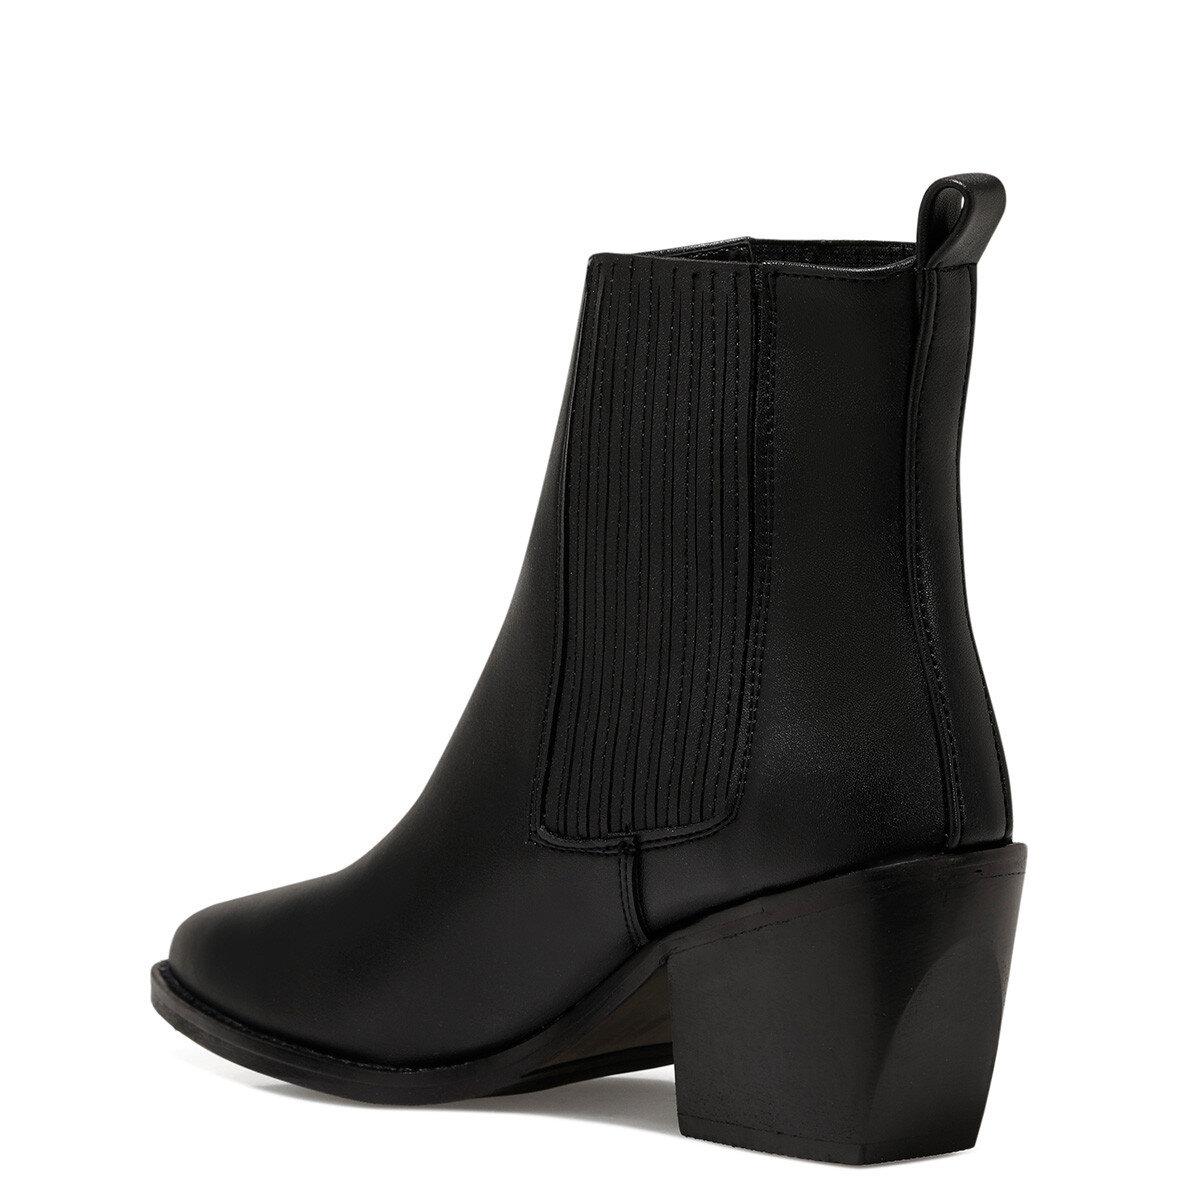 BARGAN Siyah Kadın Topuklu Bot